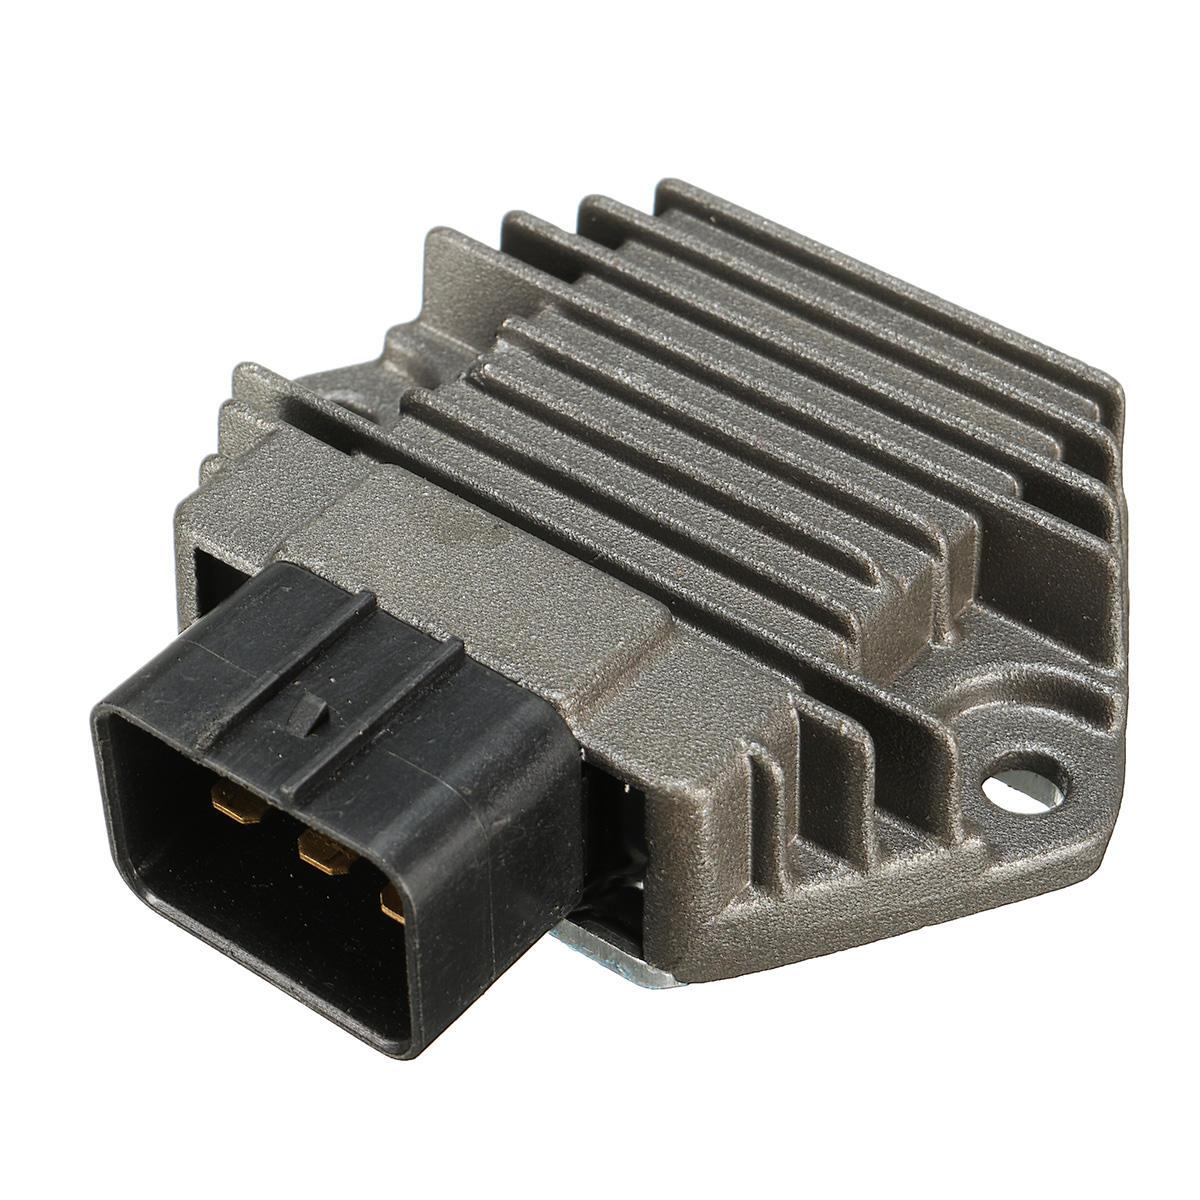 Regulator Likriktare För Honda TRX400 TRX450 TRX350FM TRX350FE Rancher 4x4 ES S